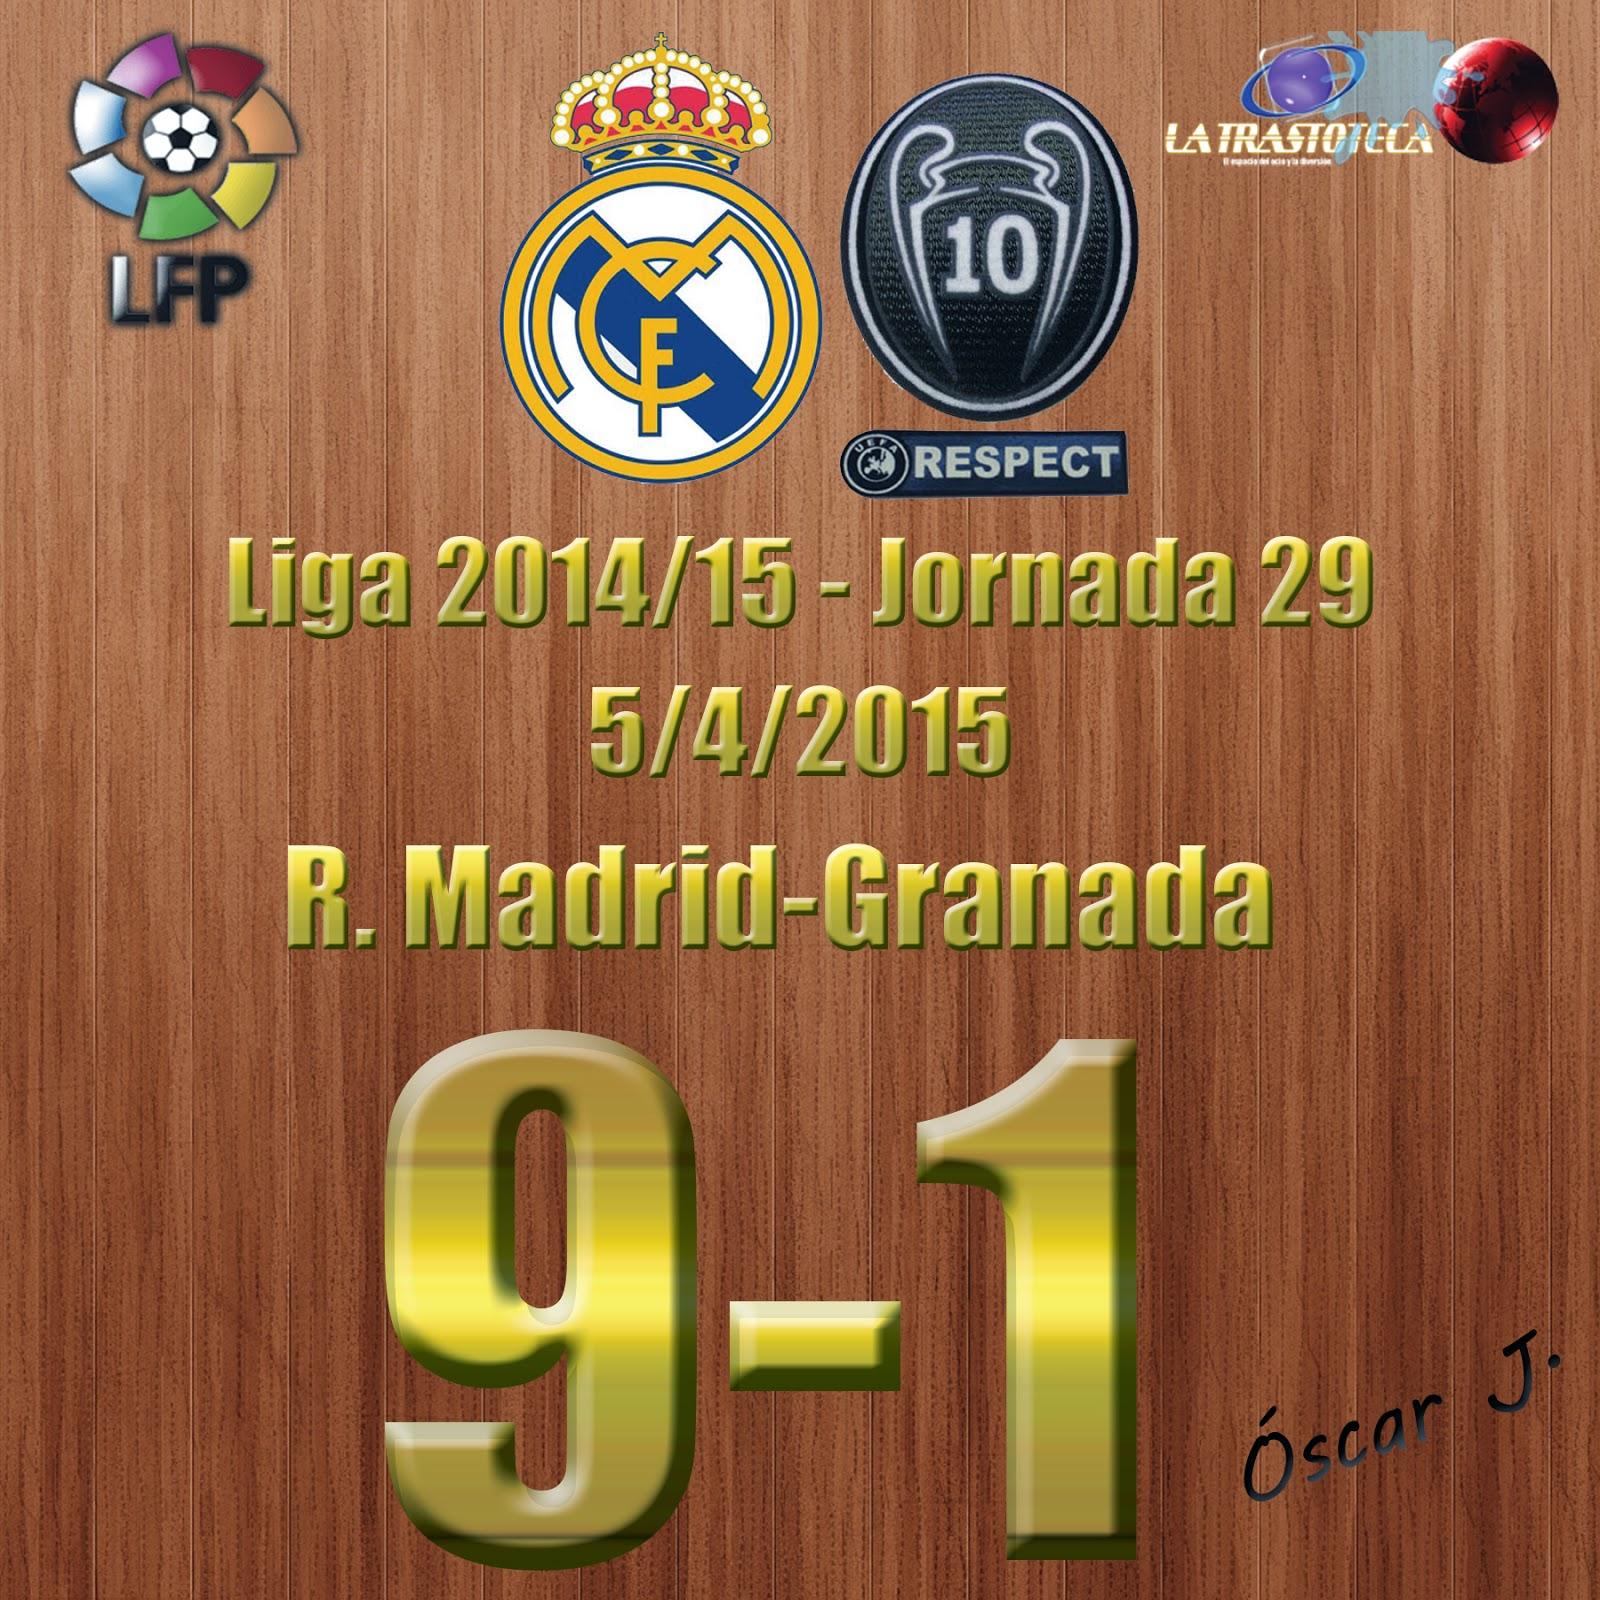 Real Madrid 9-1 Granada - Liga 2014/15 - Jornada 29 - (5/4/2015)